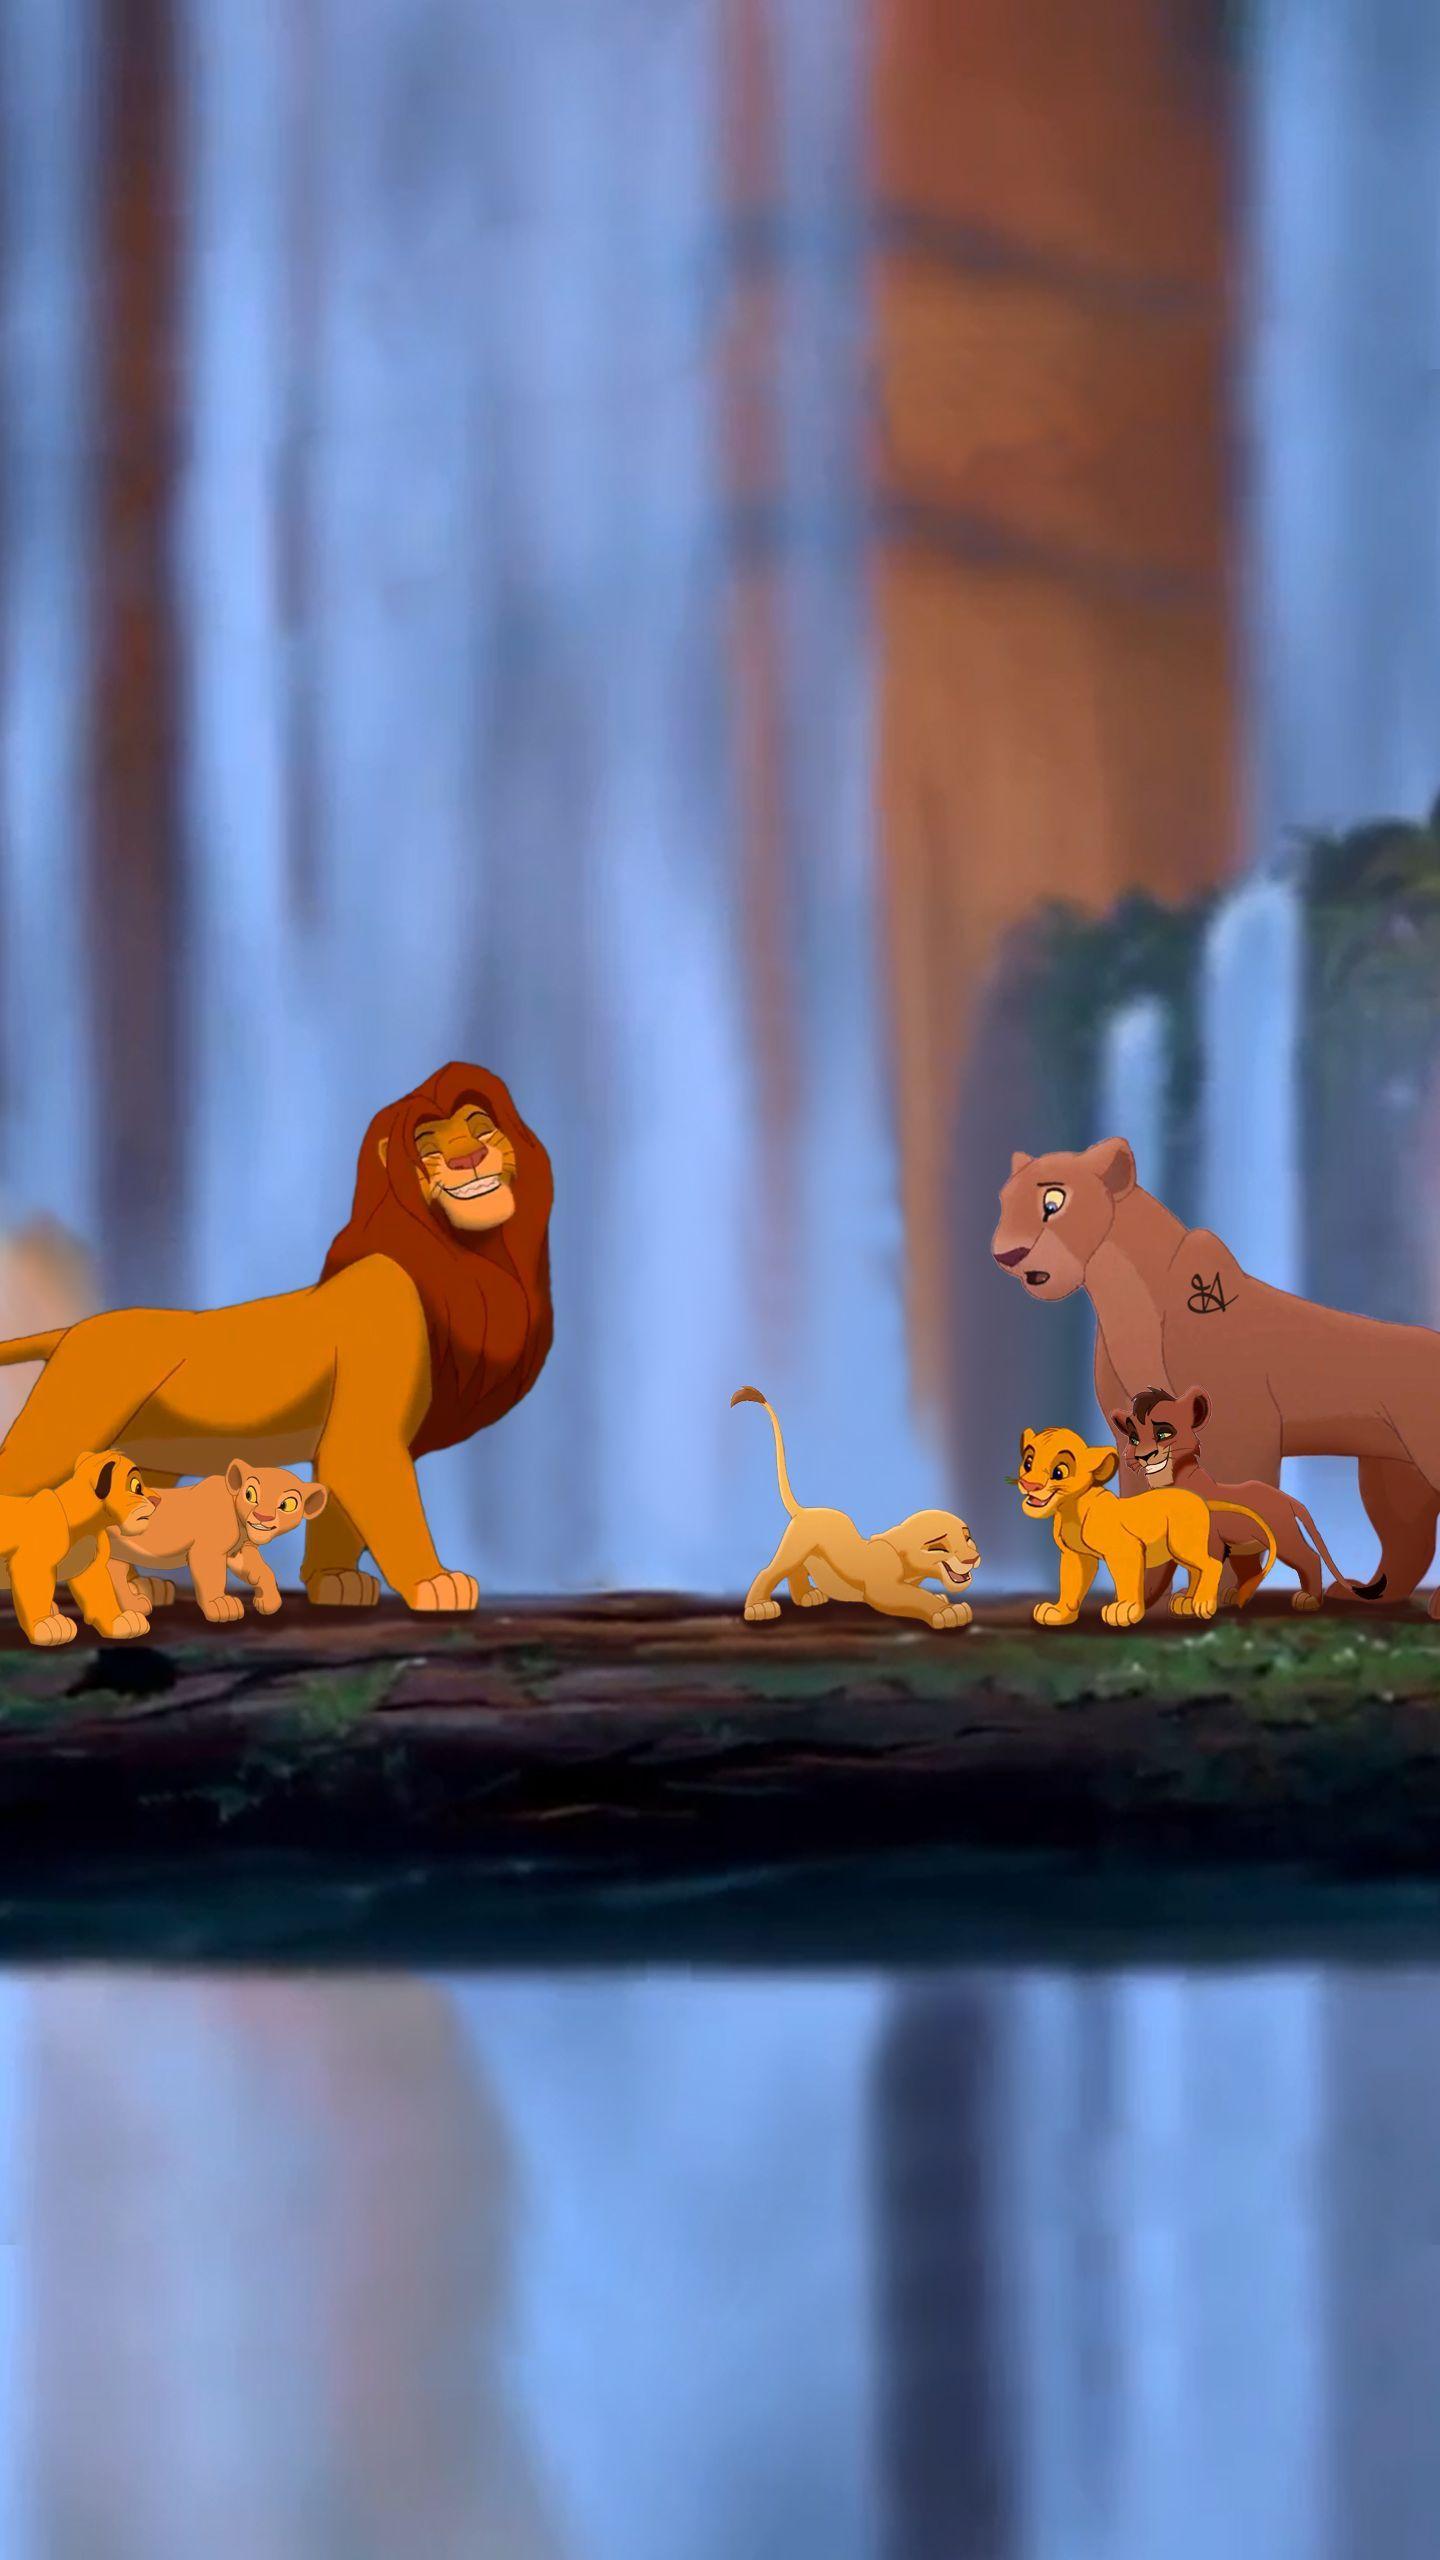 Lion King Family Thelionking Lion King Family Lion King Pictures Lion King Poster Lion King Art